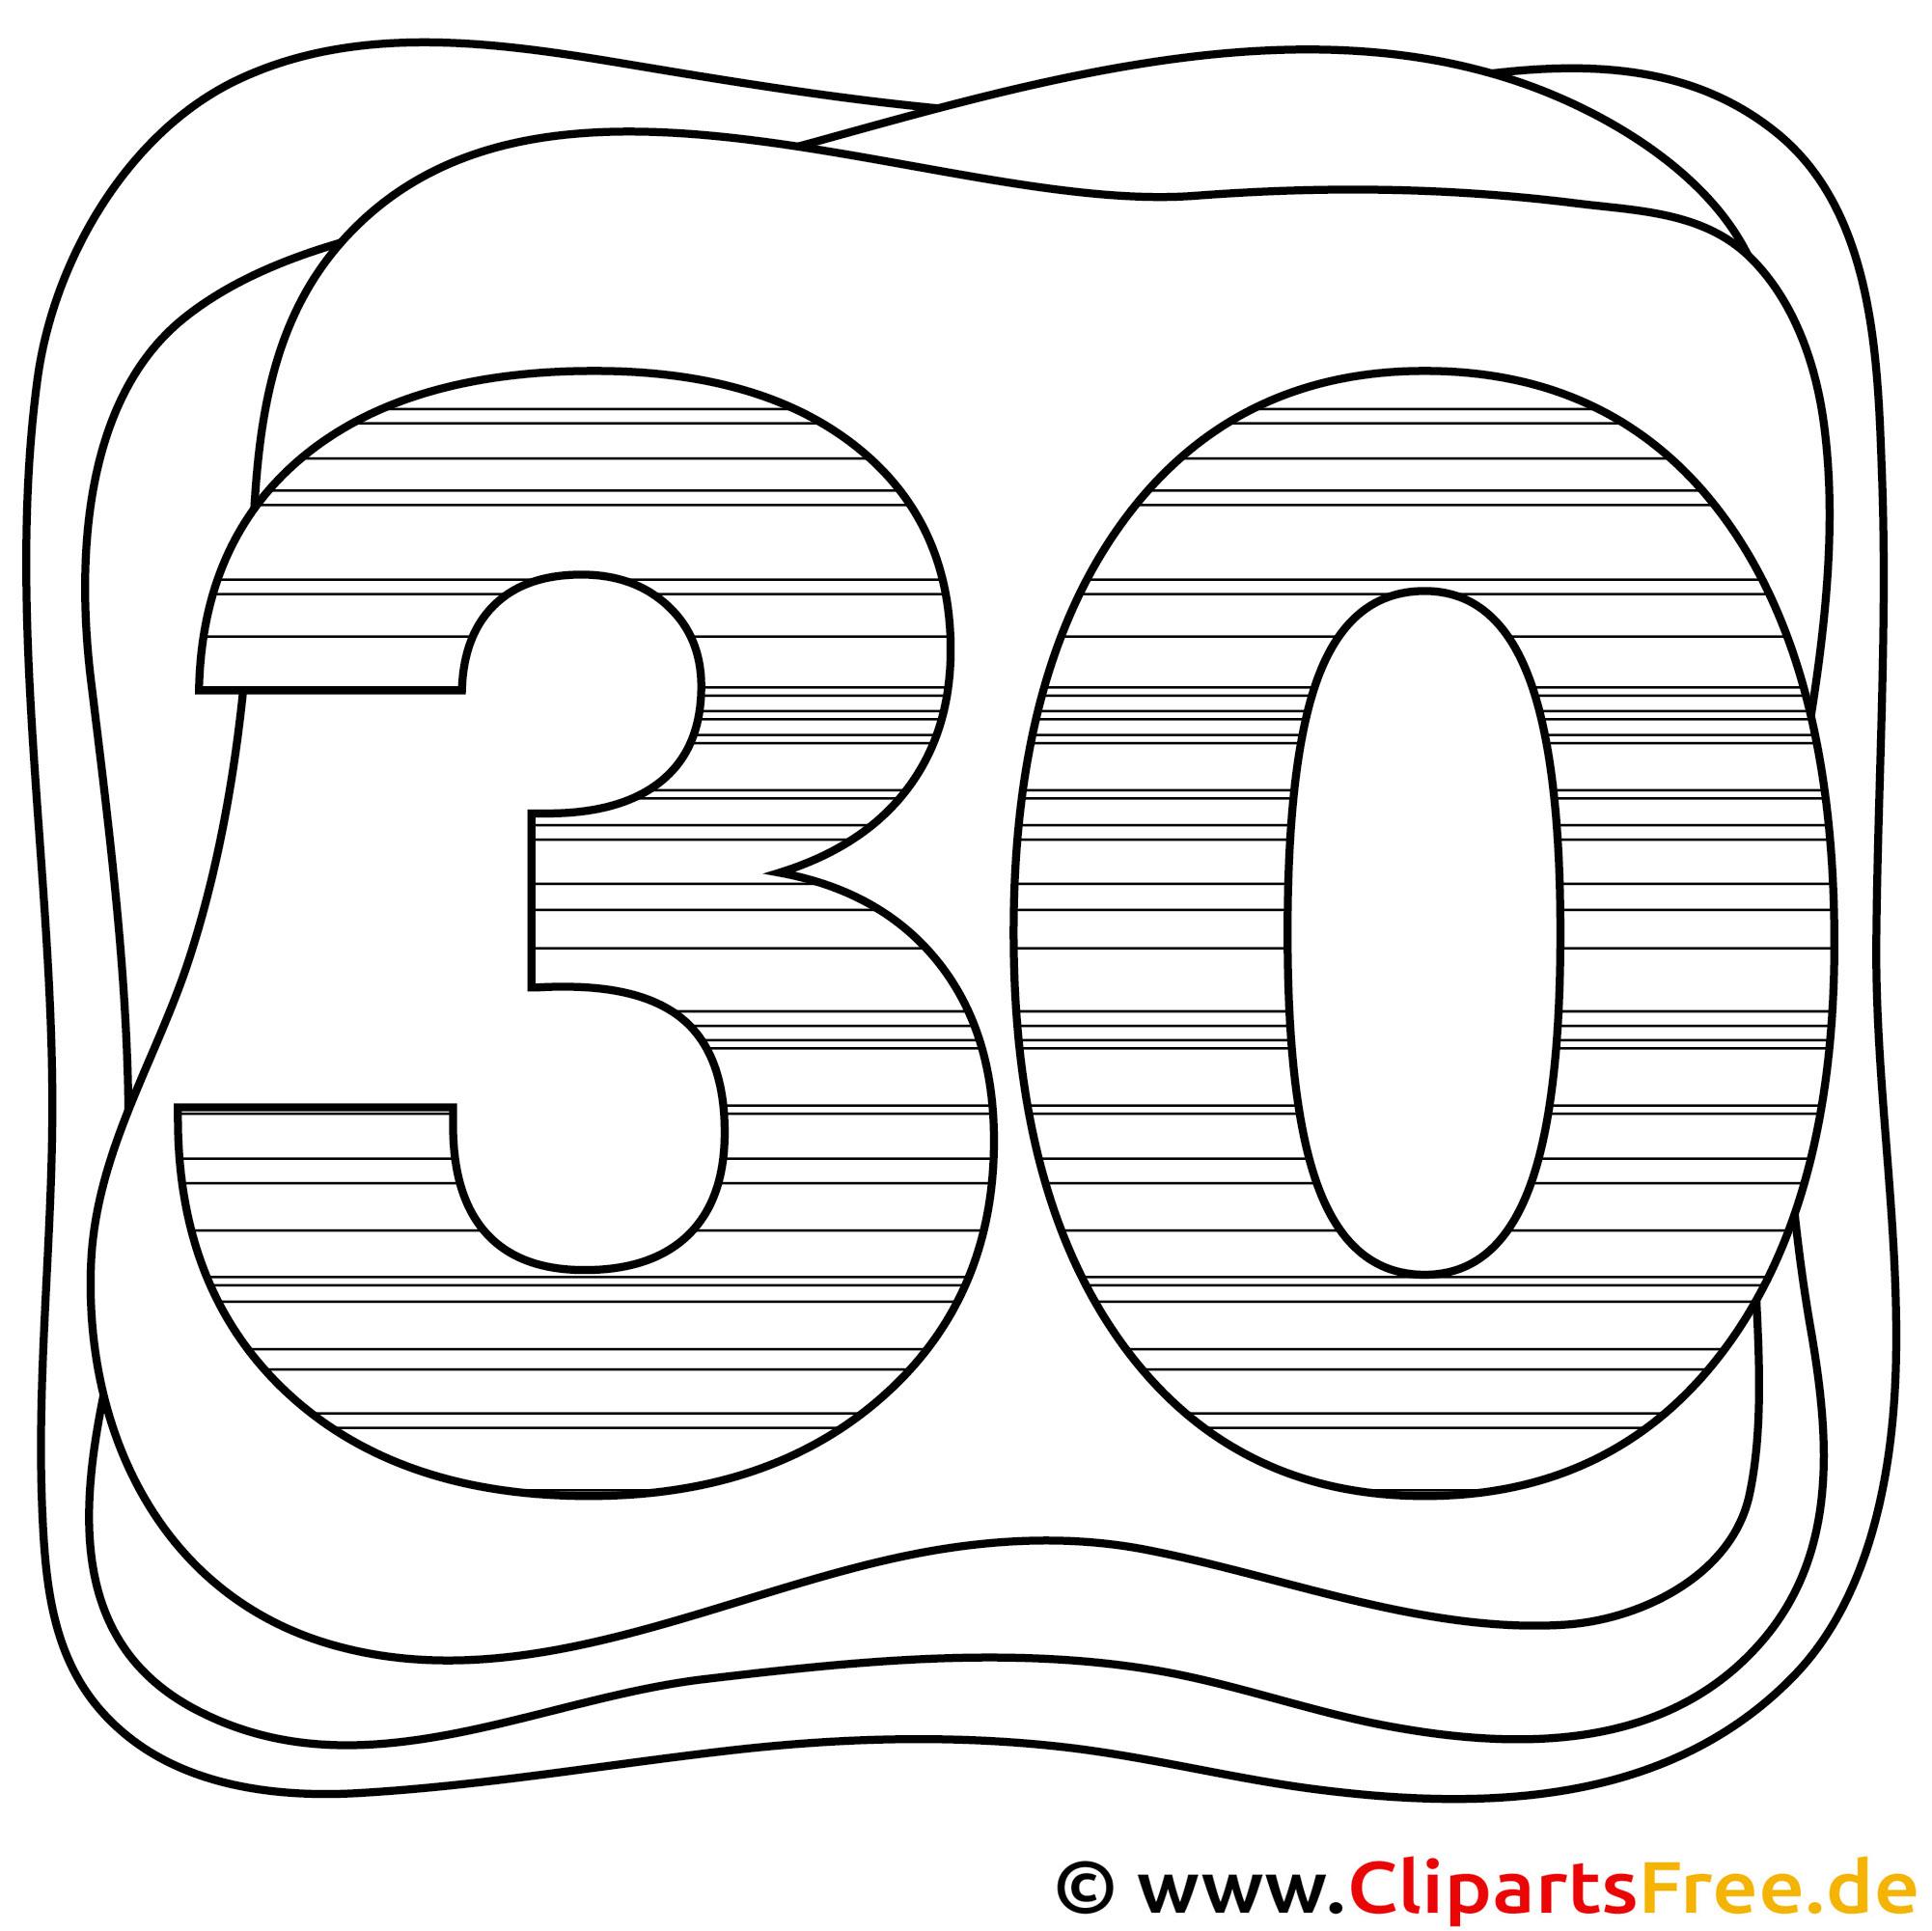 Malvorlage Zahl 30 PDF